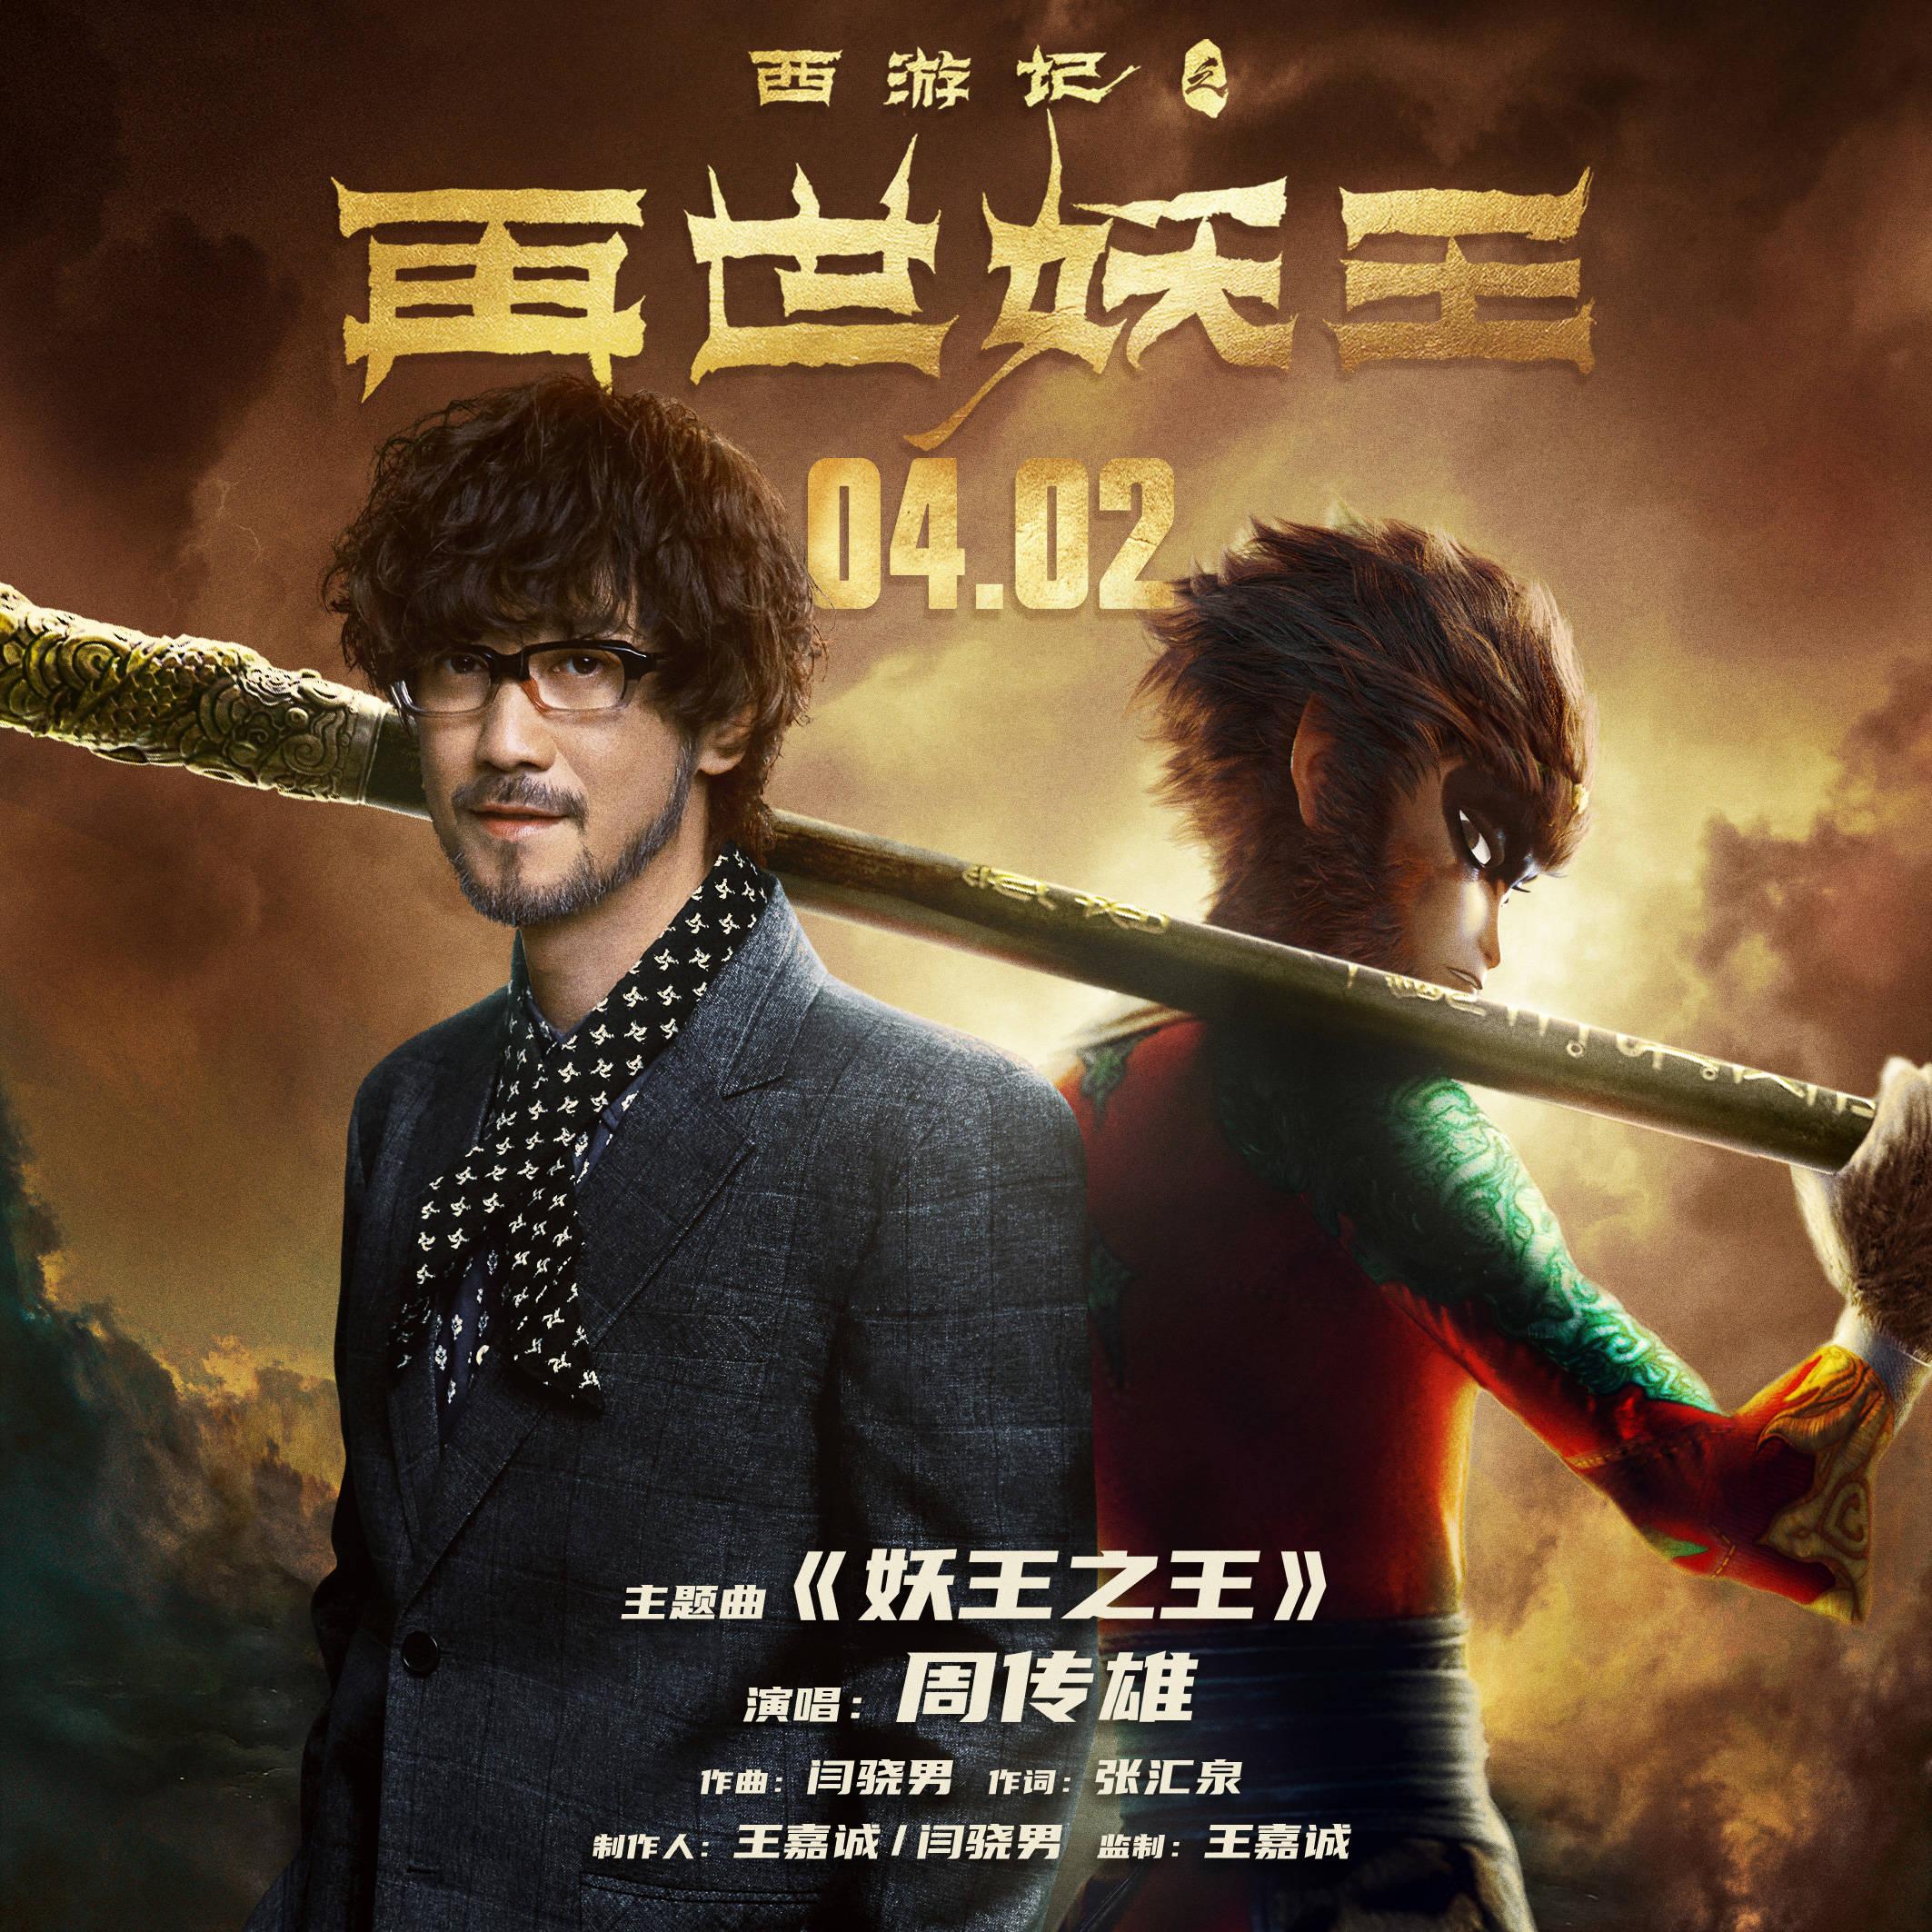 《西游記之再世妖王》MV發布 周傳雄獻唱主題曲《妖王之王》